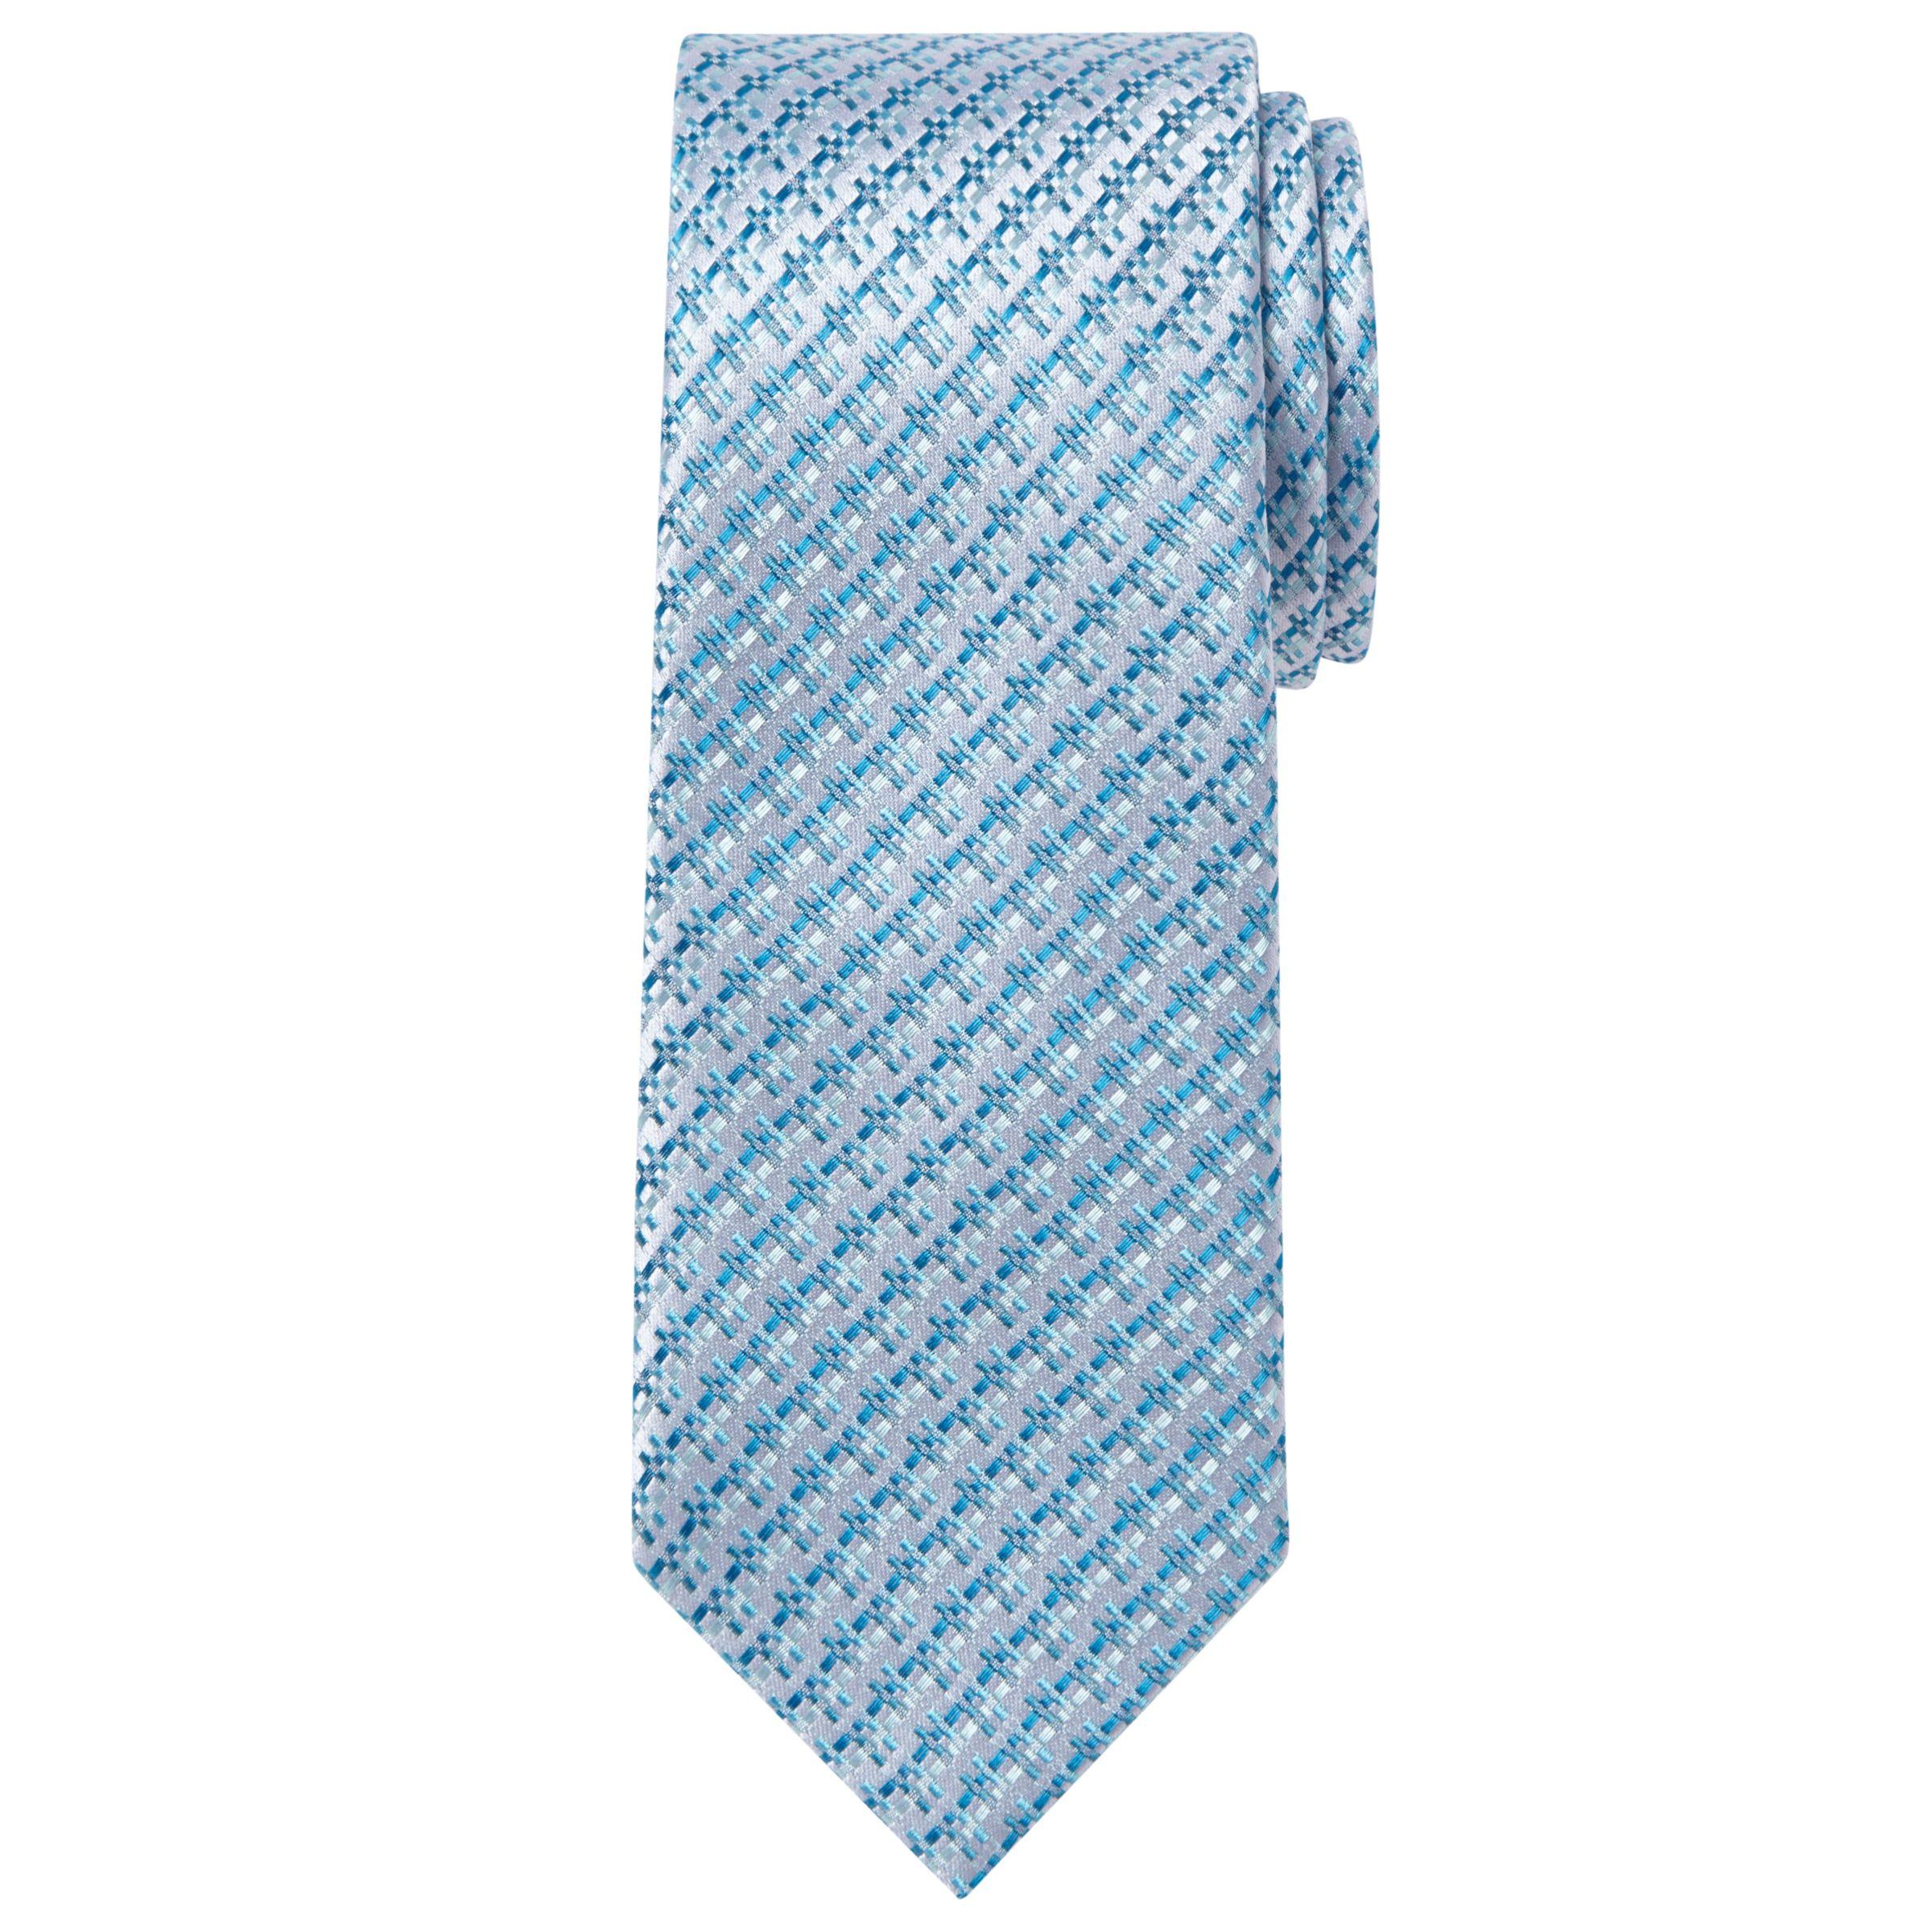 Richard James Mayfair Richard James Mayfair Dobby Silk Tie, Sky